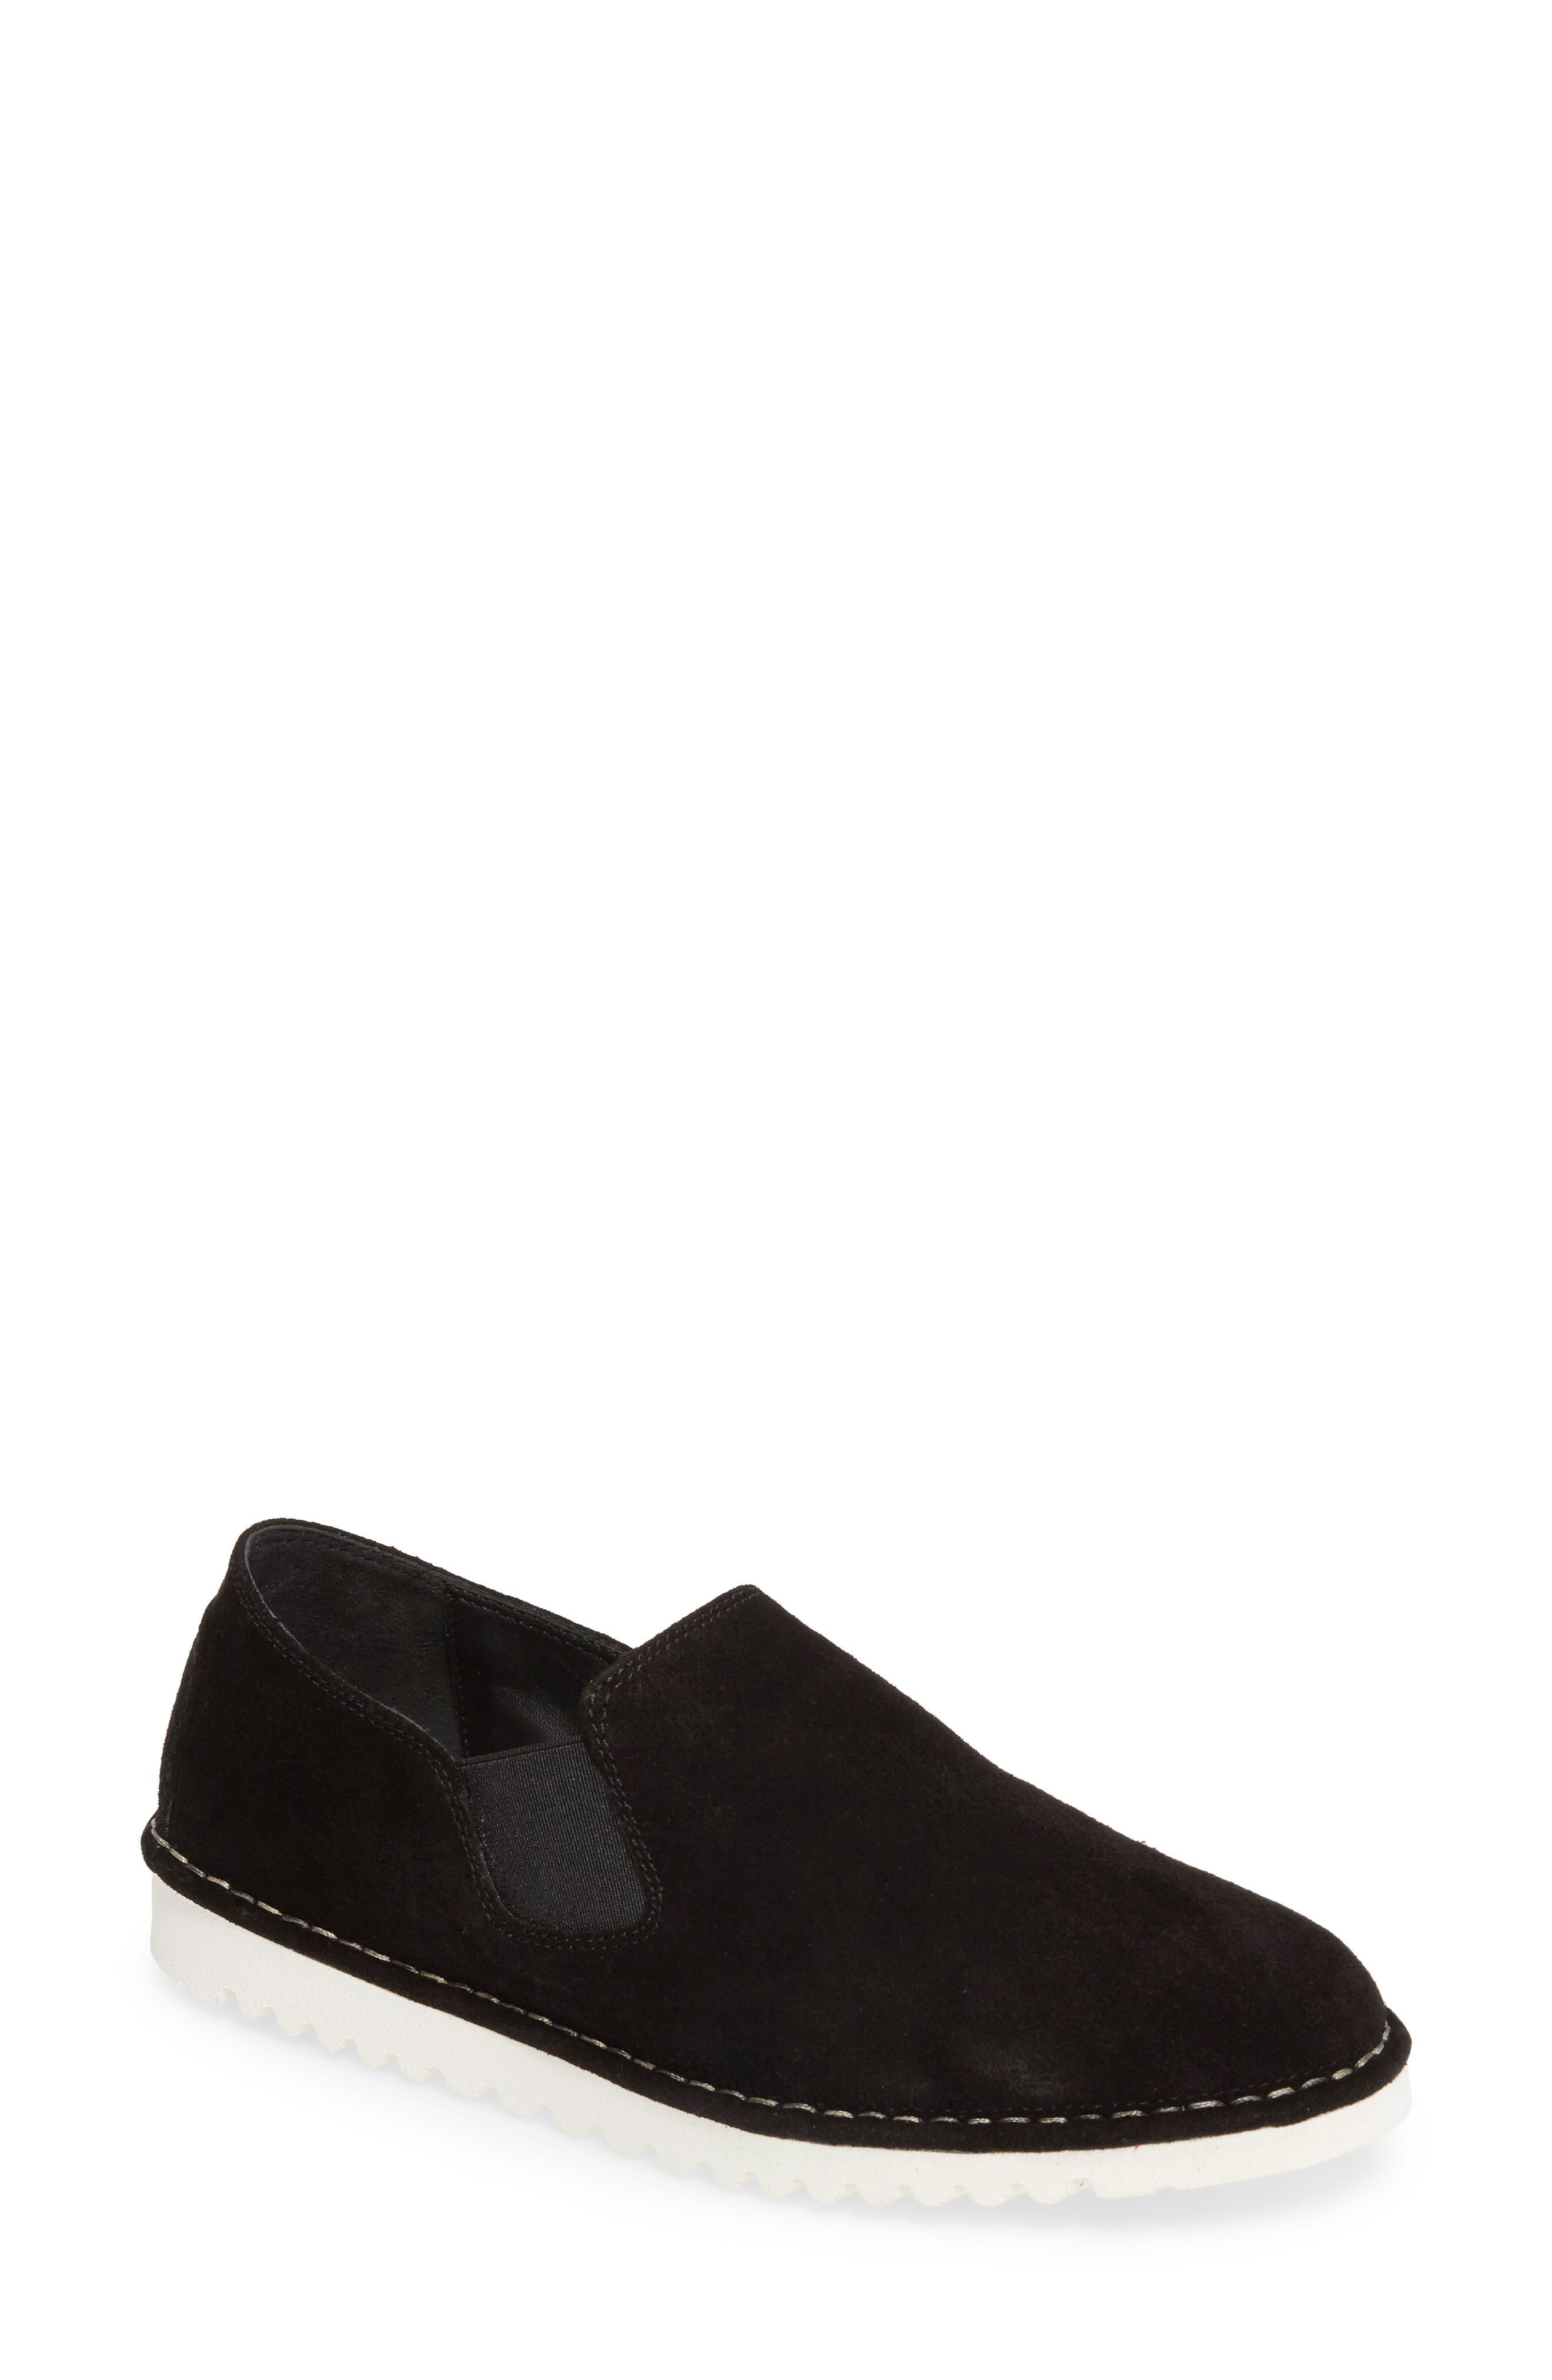 SESTO MEUCCI Oralie Slip-On Sneaker in Black